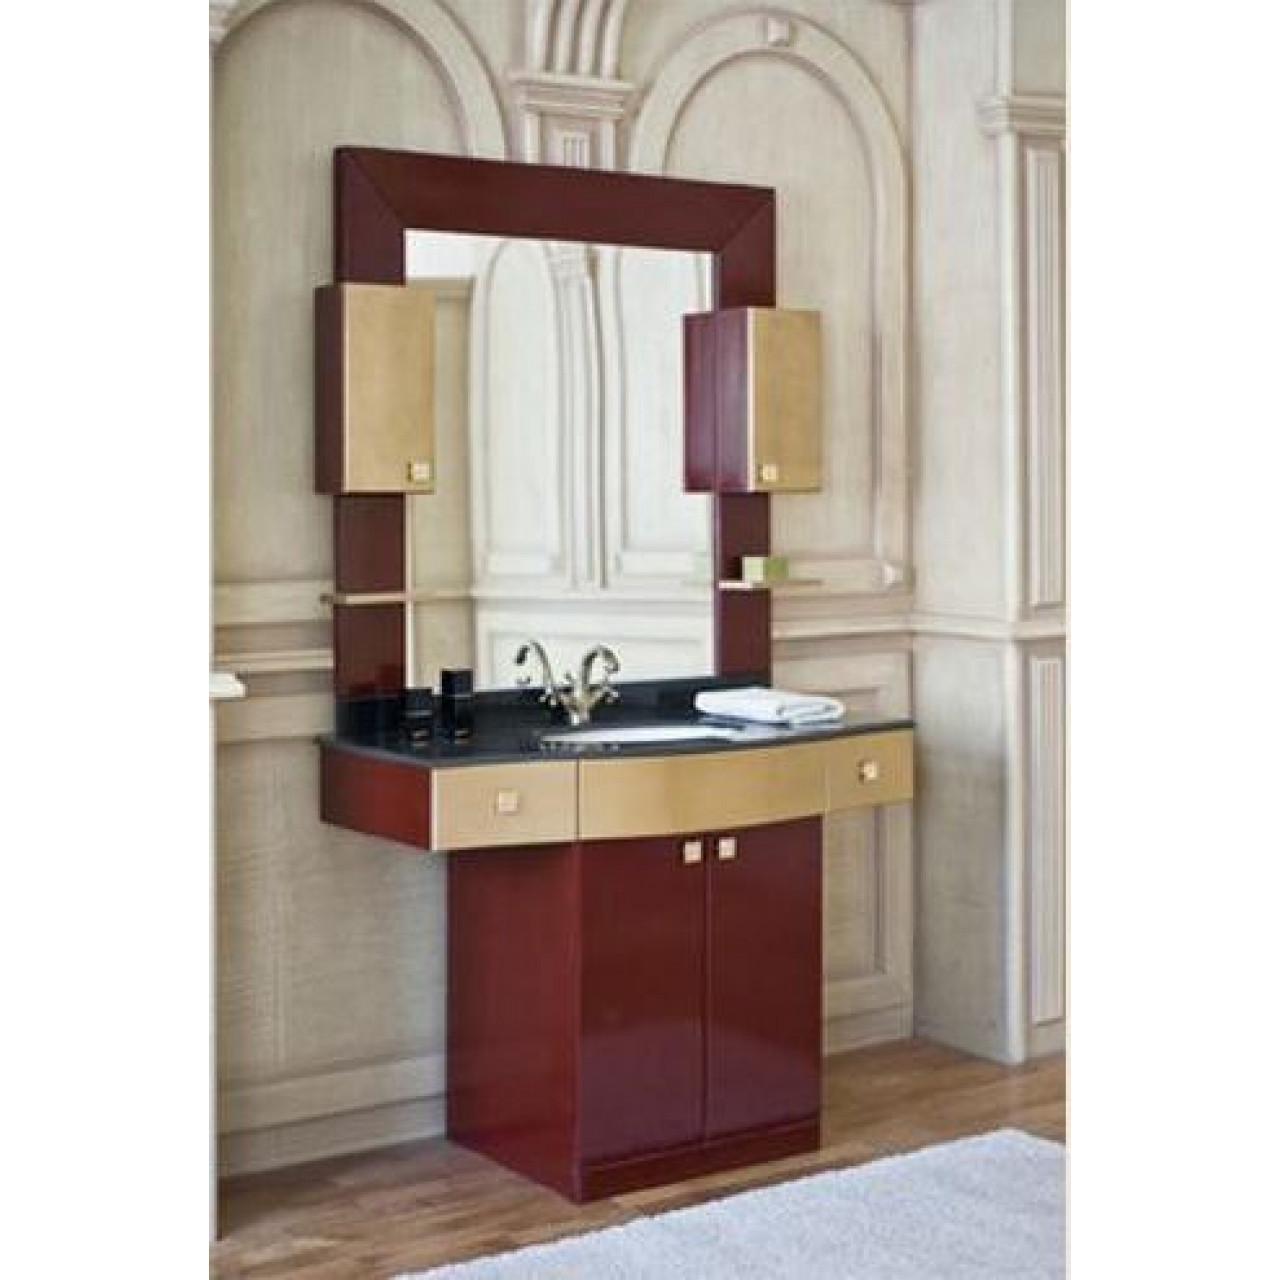 Комплект мебели Аллигатор Квадро A 120 купить в Москве по цене от 109200р. в интернет-магазине mebel-v-vannu.ru